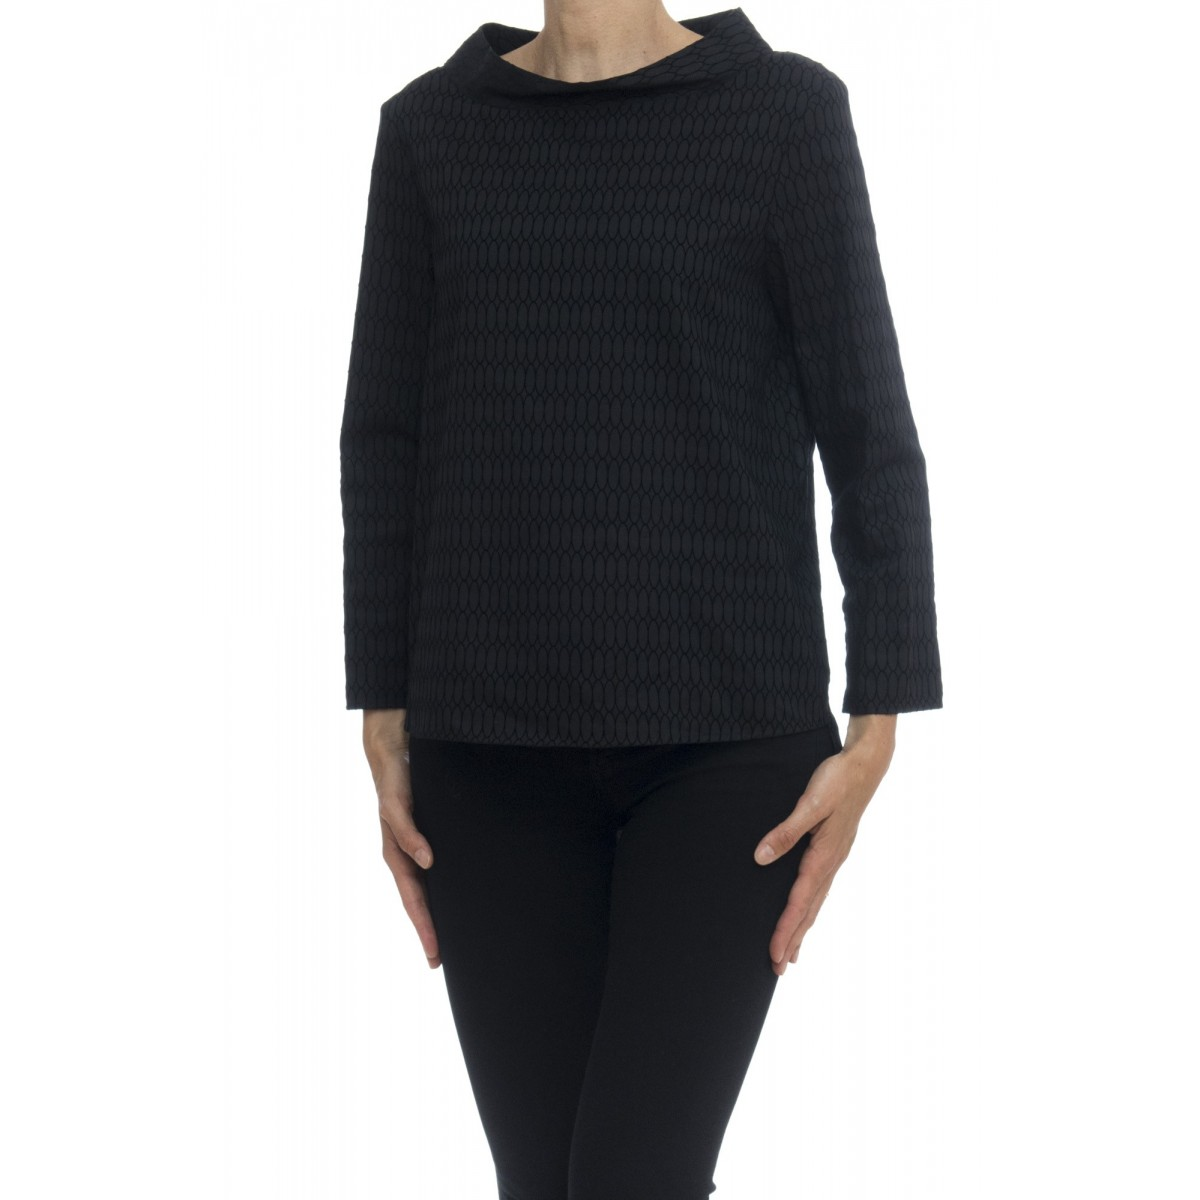 Camicia donna - Clara 95404 cotone floccato